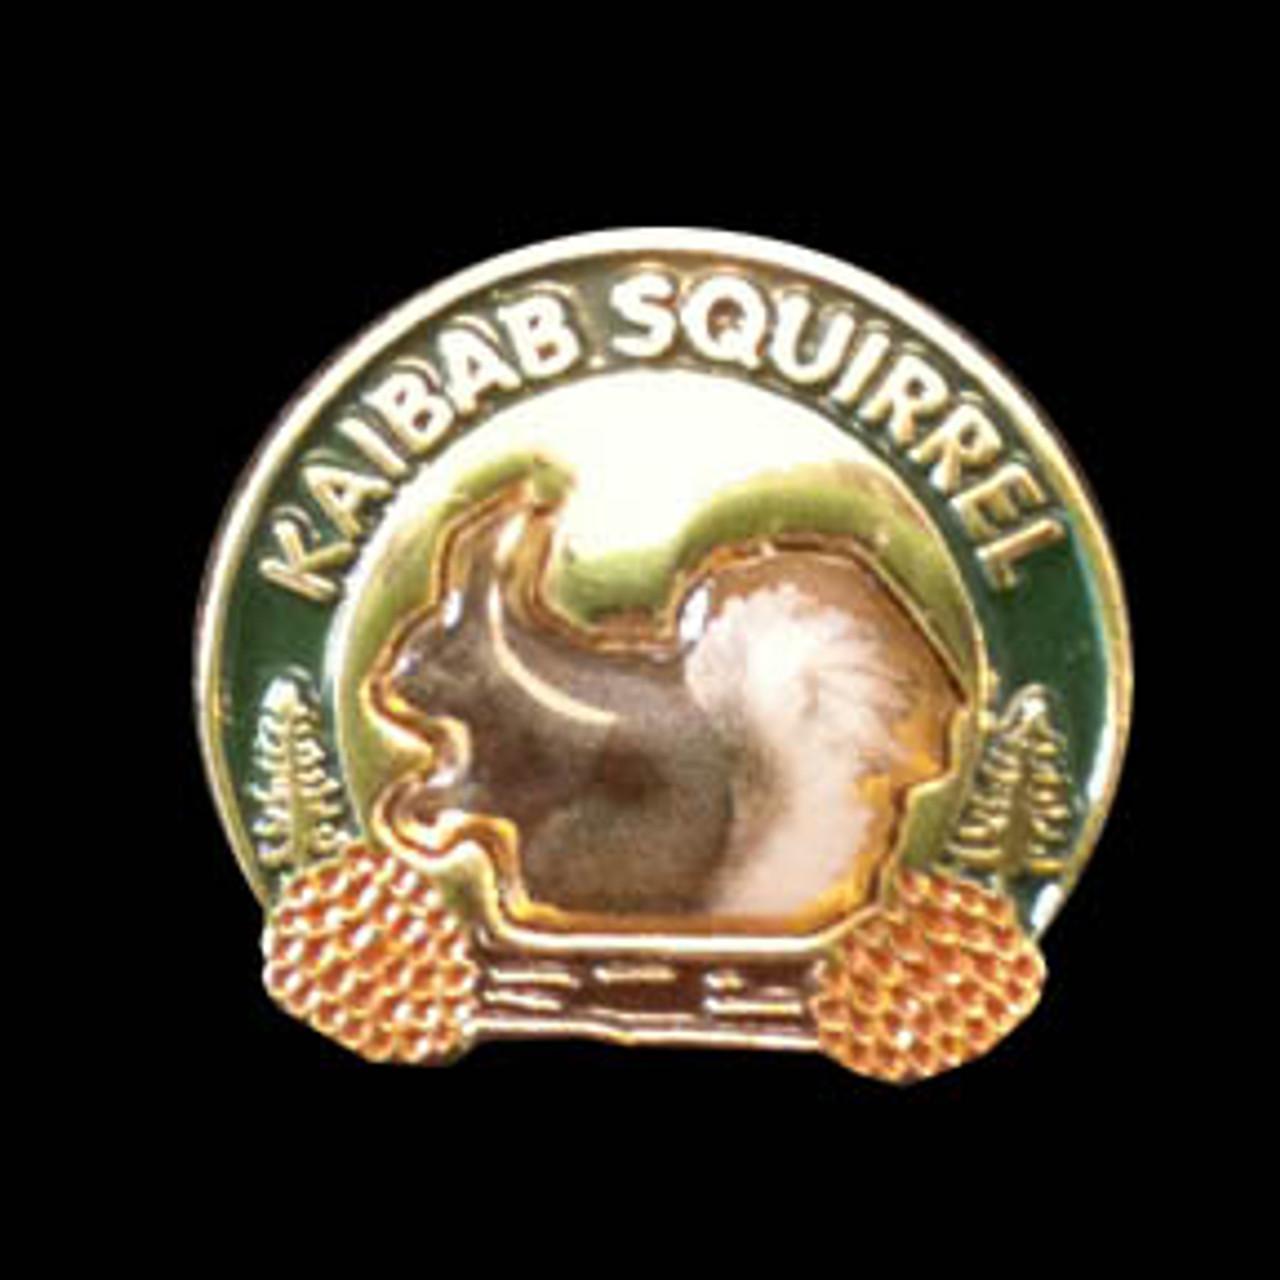 Kaibab Squirrel Pin